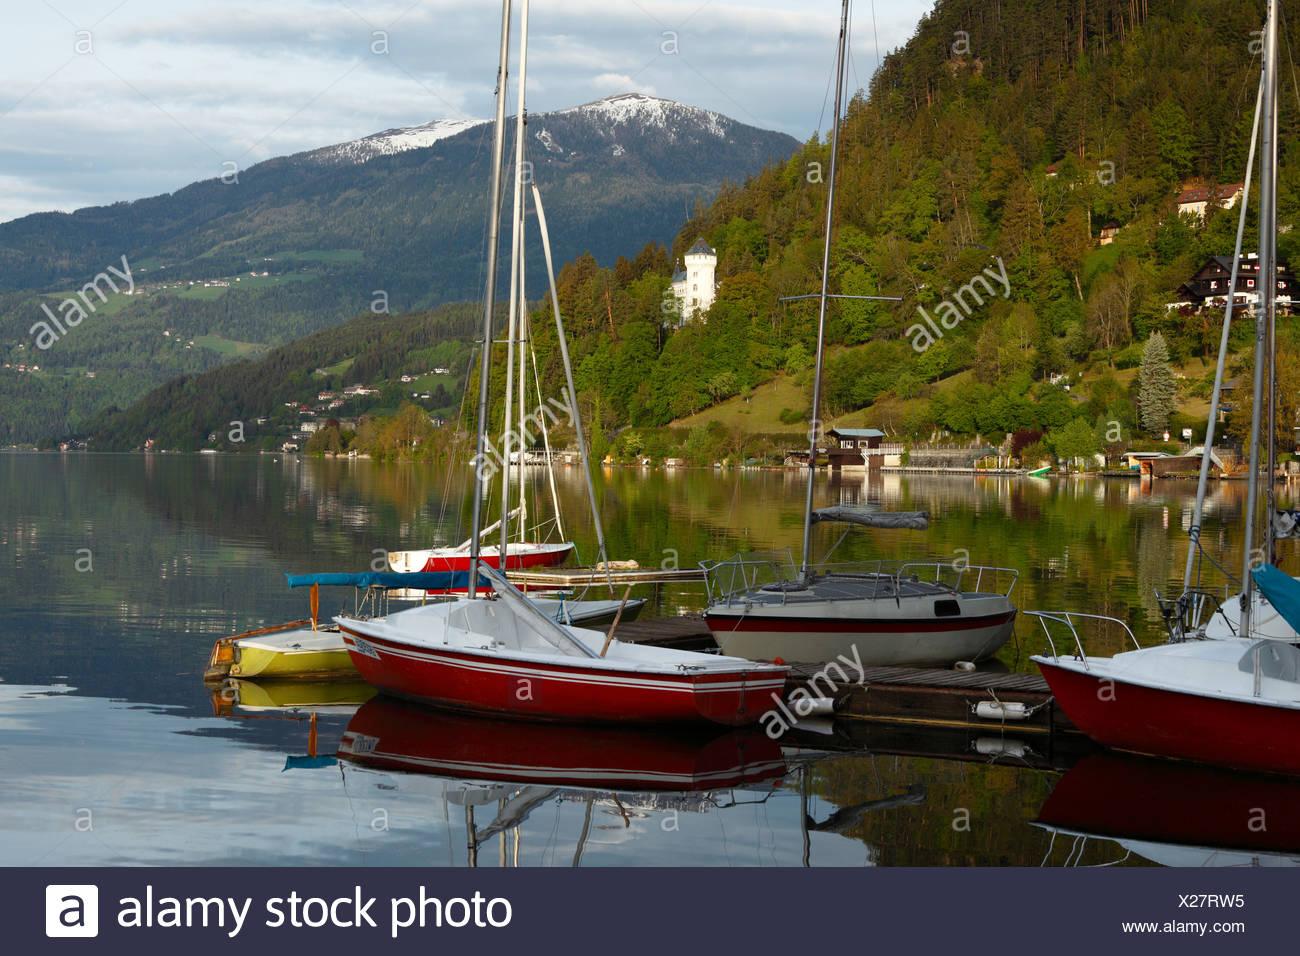 Millstaetter See, Millstatt Lake, Millstatt, Schloss Heroldeck castle, Carinthia, Austria, Europe - Stock Image